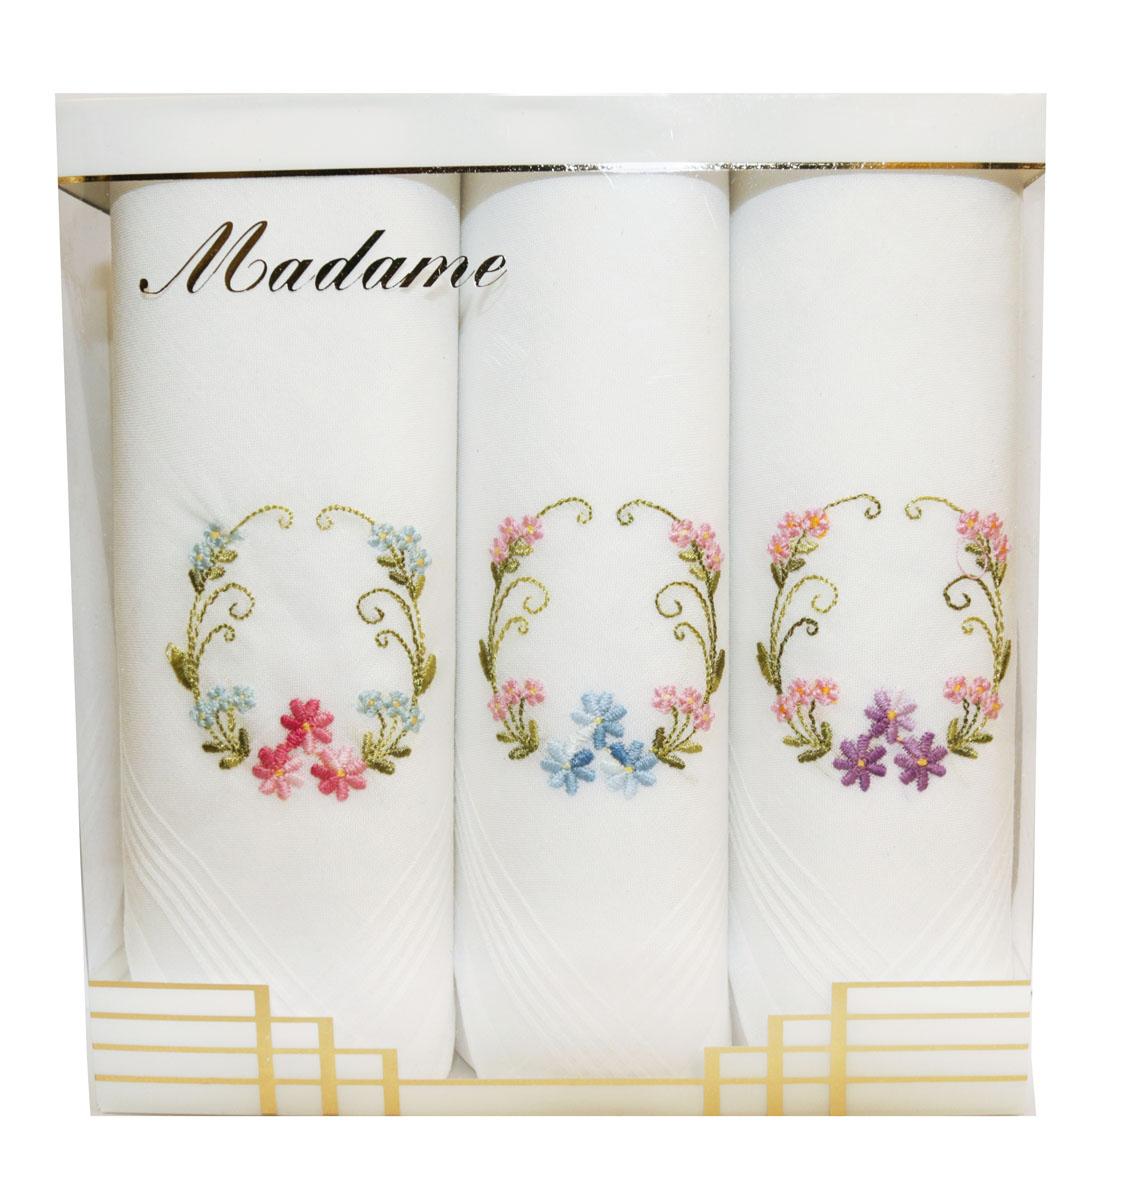 06601-9 Zlata Korunka Носовой платок женский, цвет: мультиколор, 30х30 см, 3 шт06601-9Платки носовые женские в упаковке по 3 шт. Носовые платки изготовлены из 100% хлопка, так как этот материал приятен в использовании, хорошо стирается, не садится, отлично впитывает влагу.